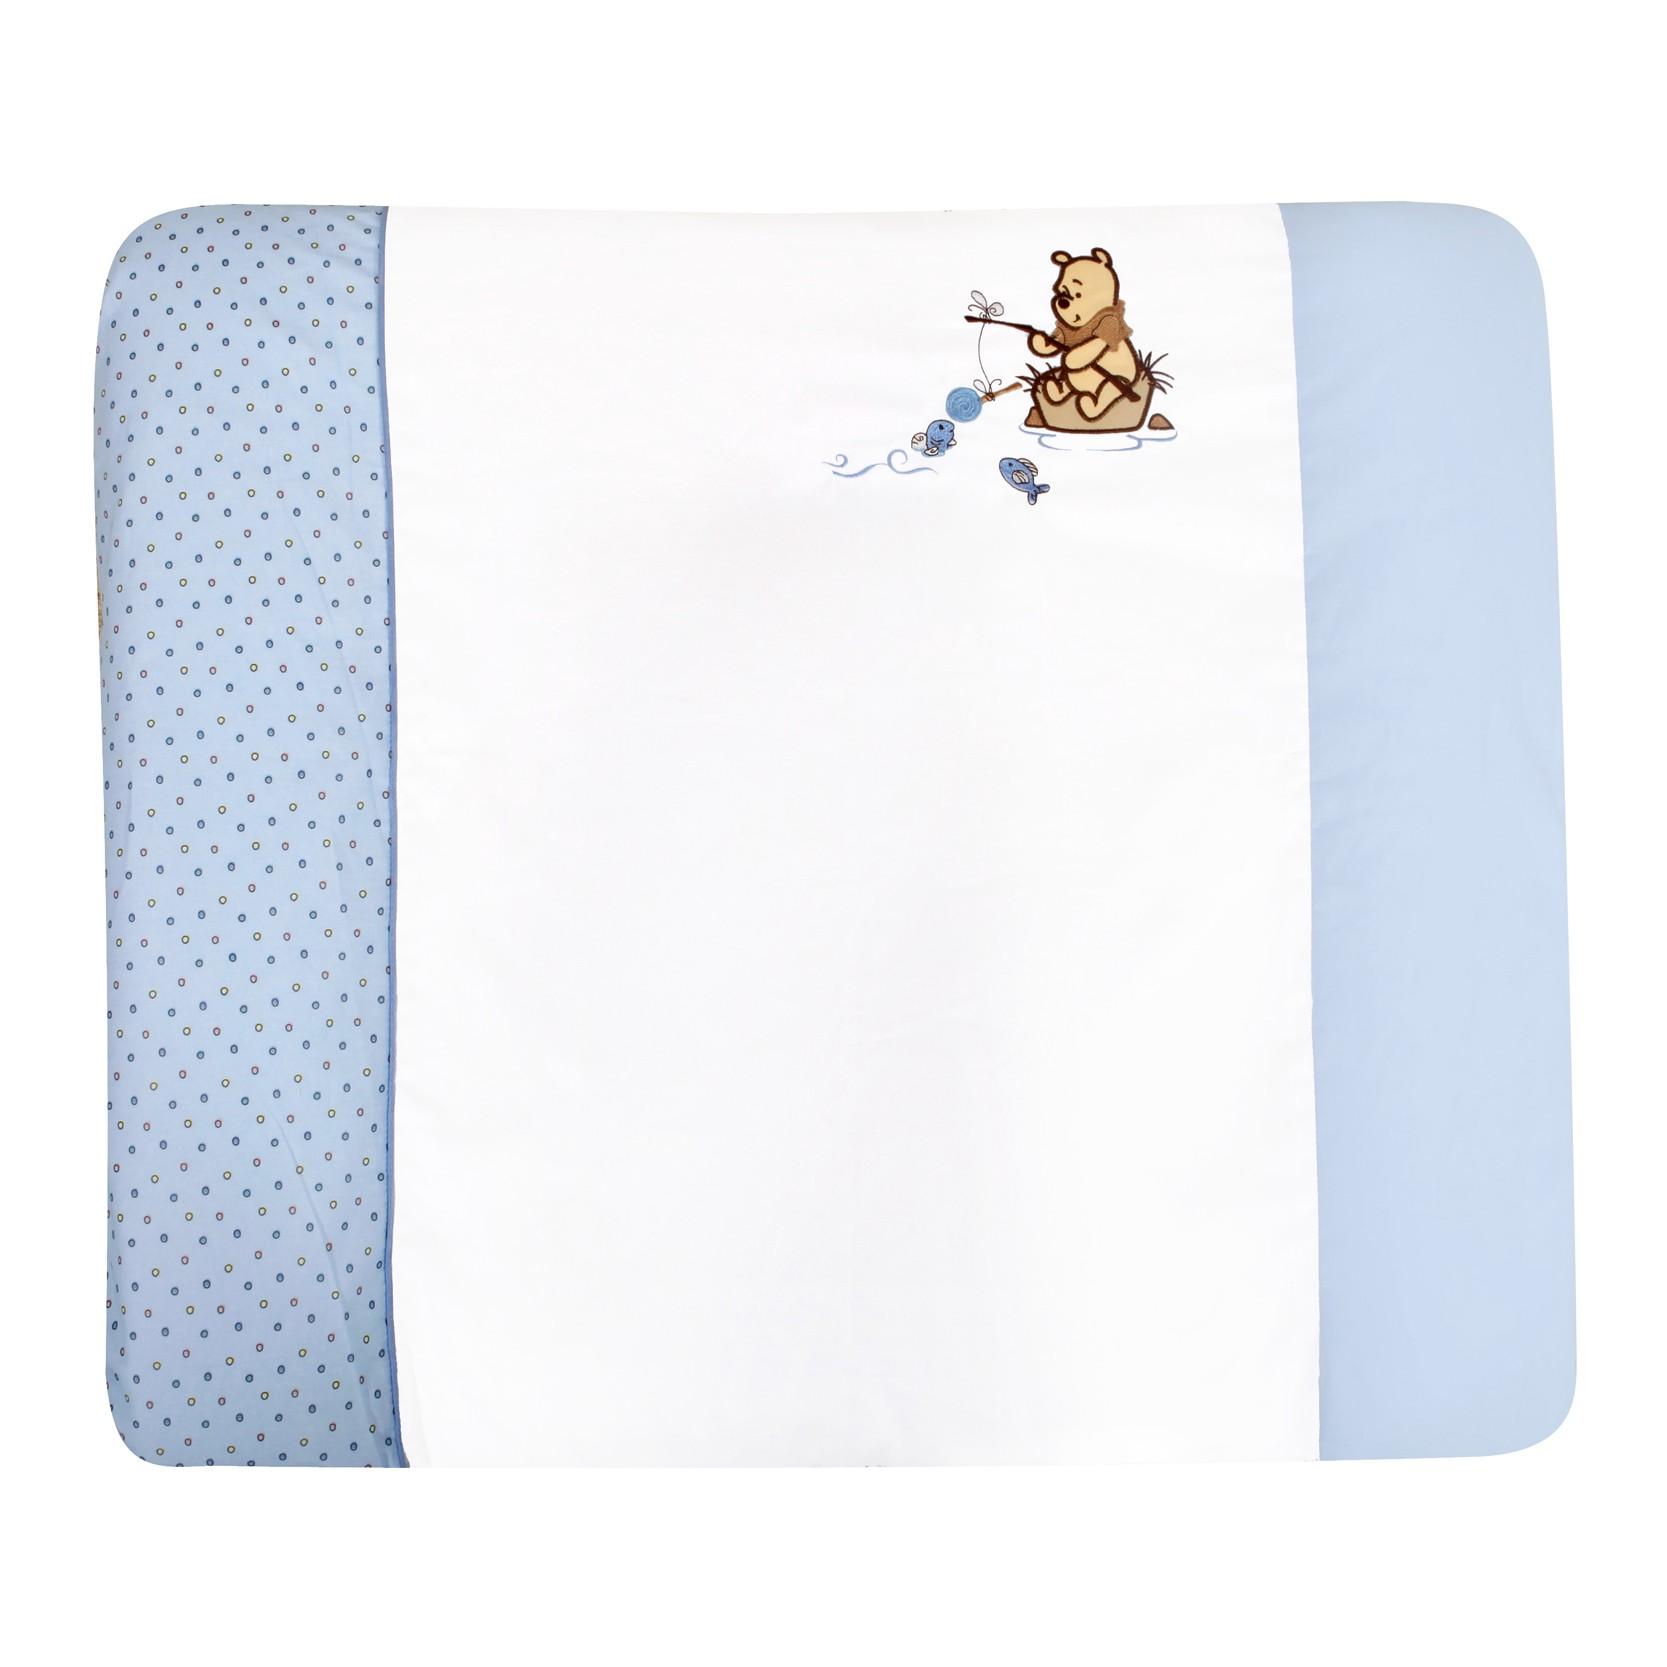 Wickelauflage Adorable Pooh Boy - 100% Baumwolle - Weiß/Blau mit Winnie Pooh Applikation